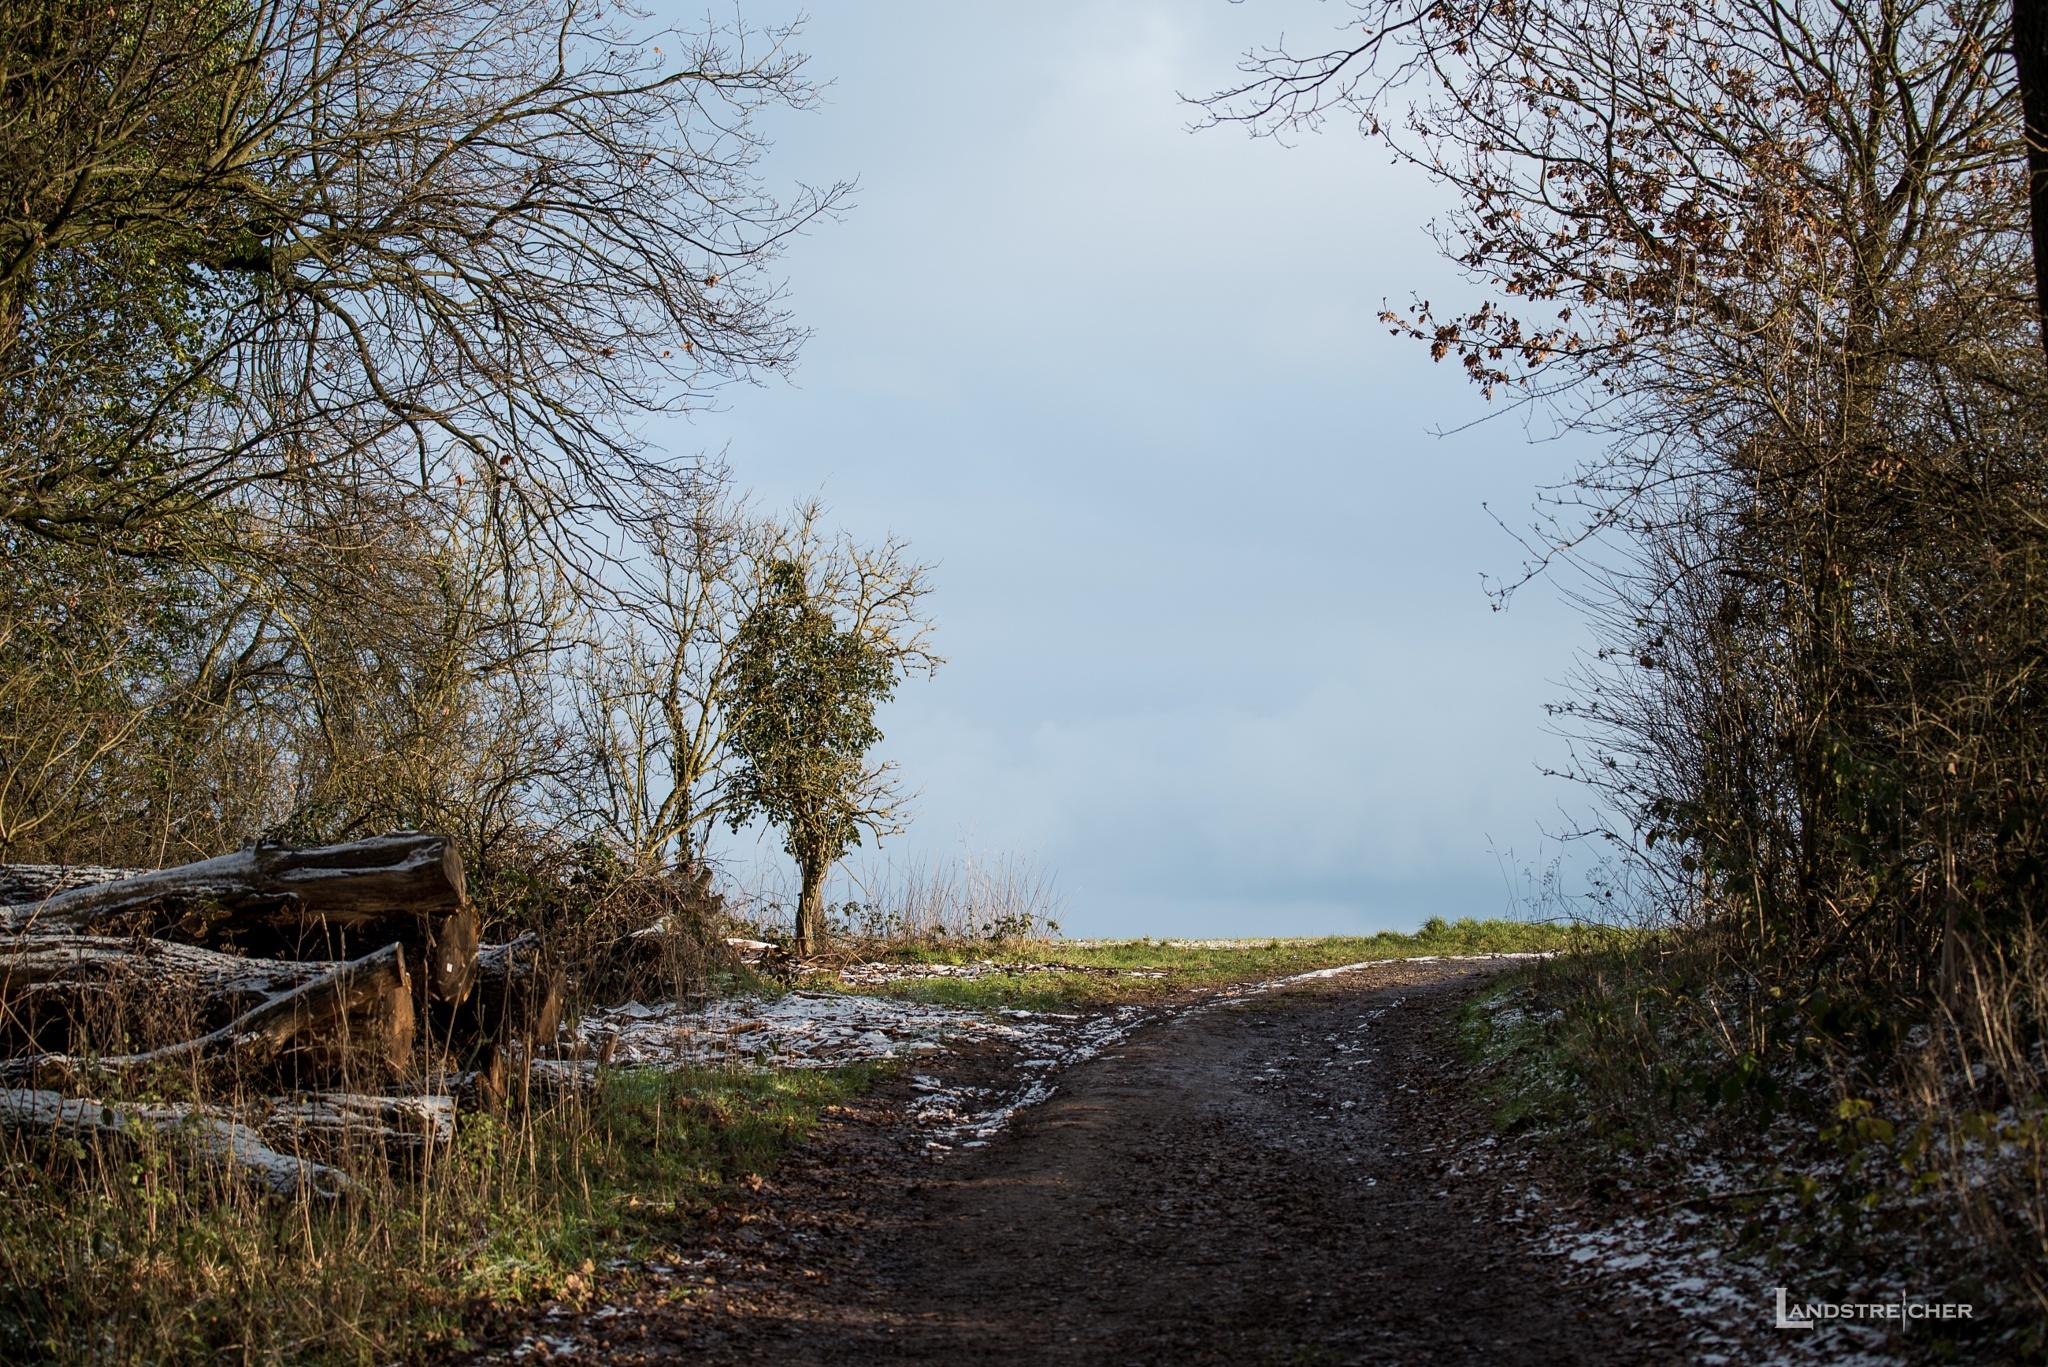 Exit by Landstreicher